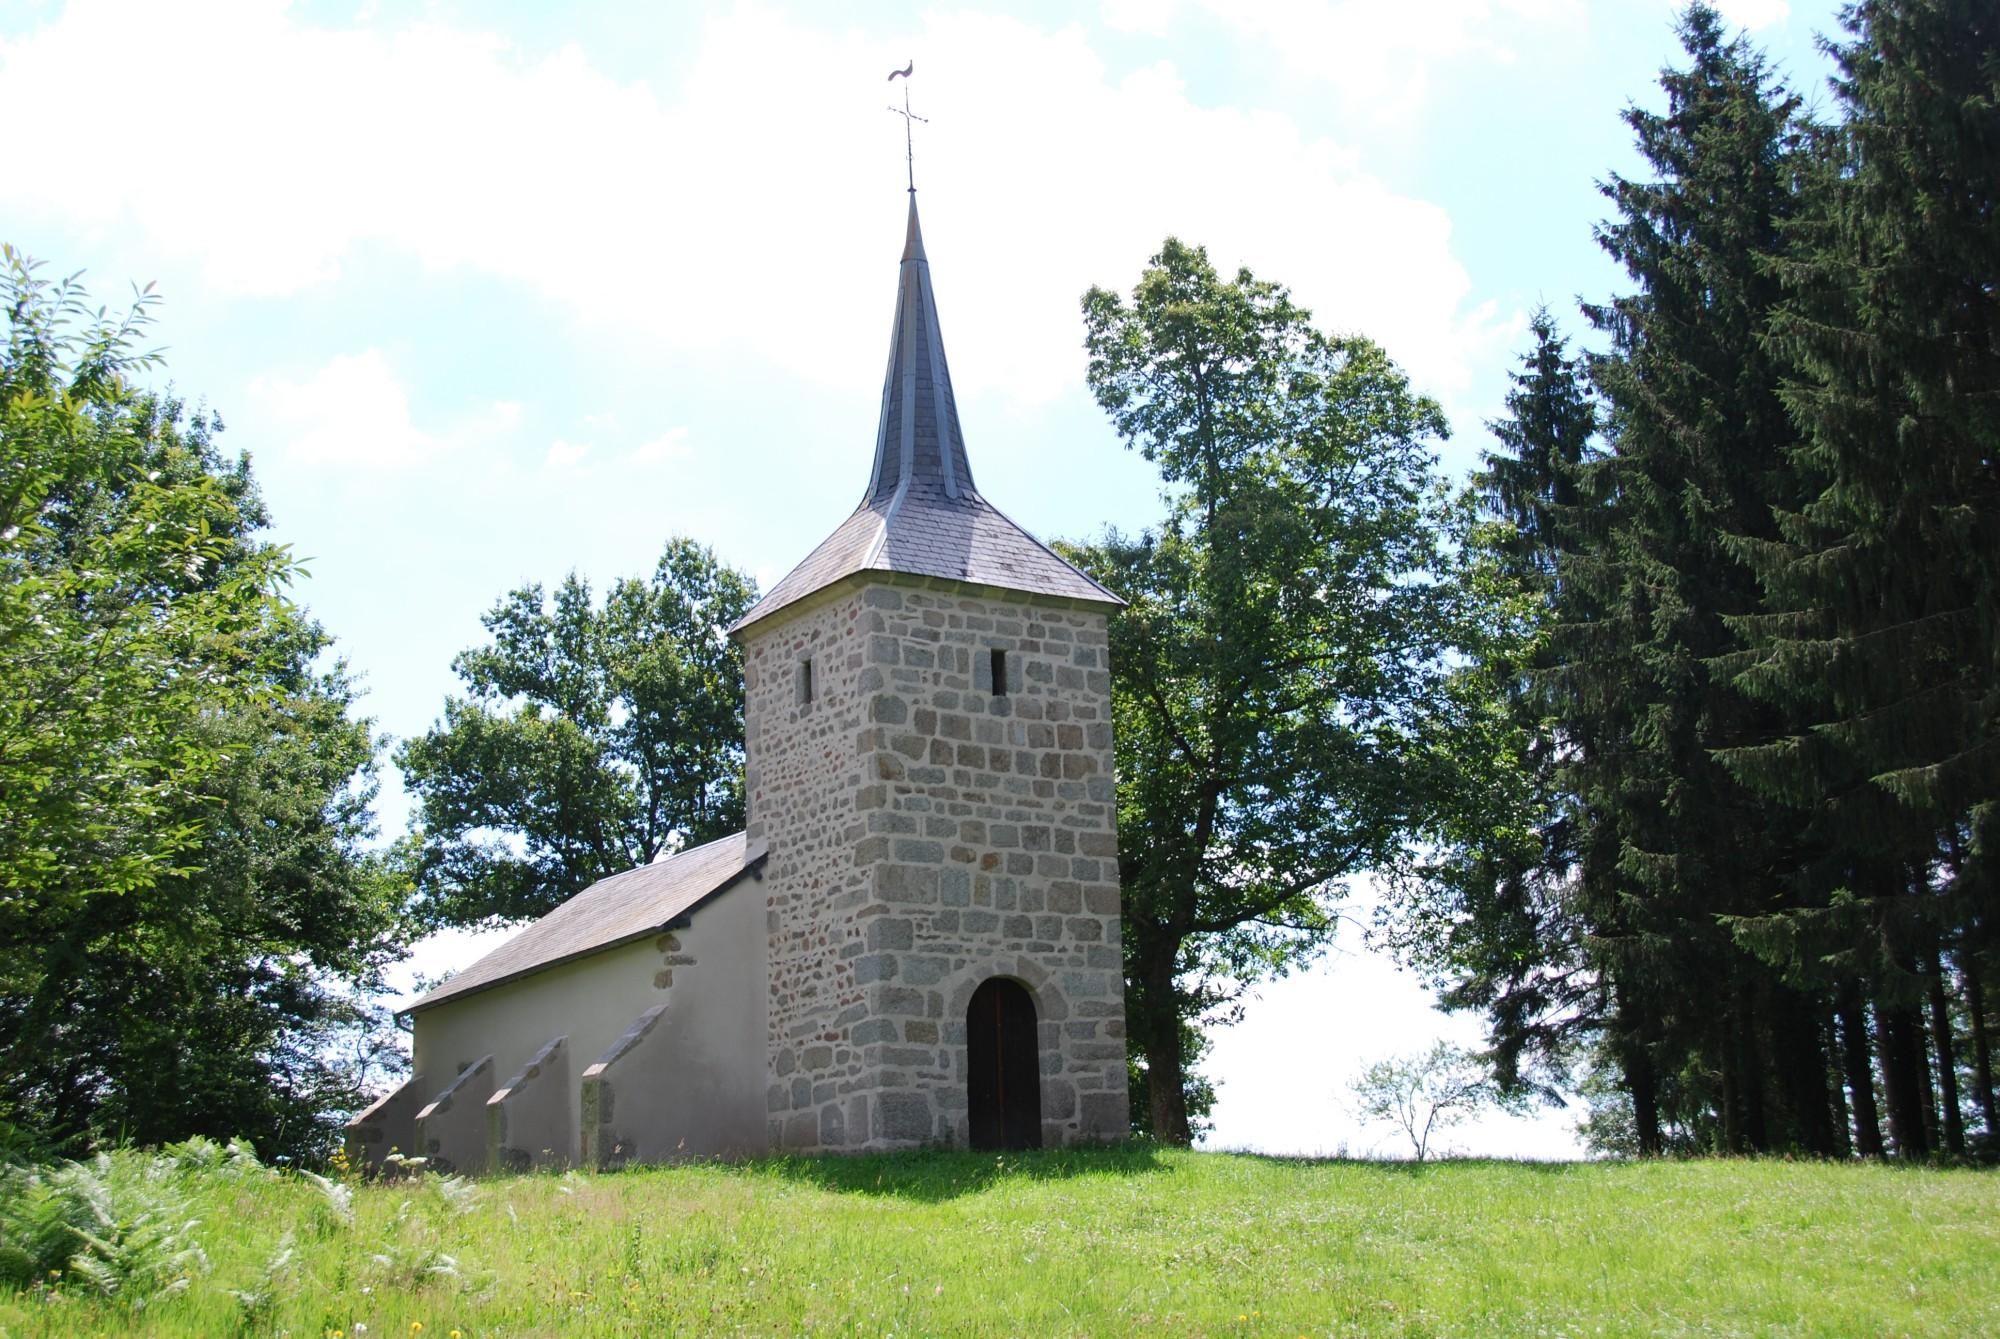 La Chapelle de Savault, een mooie wandeling vanuit huis van ong. 45